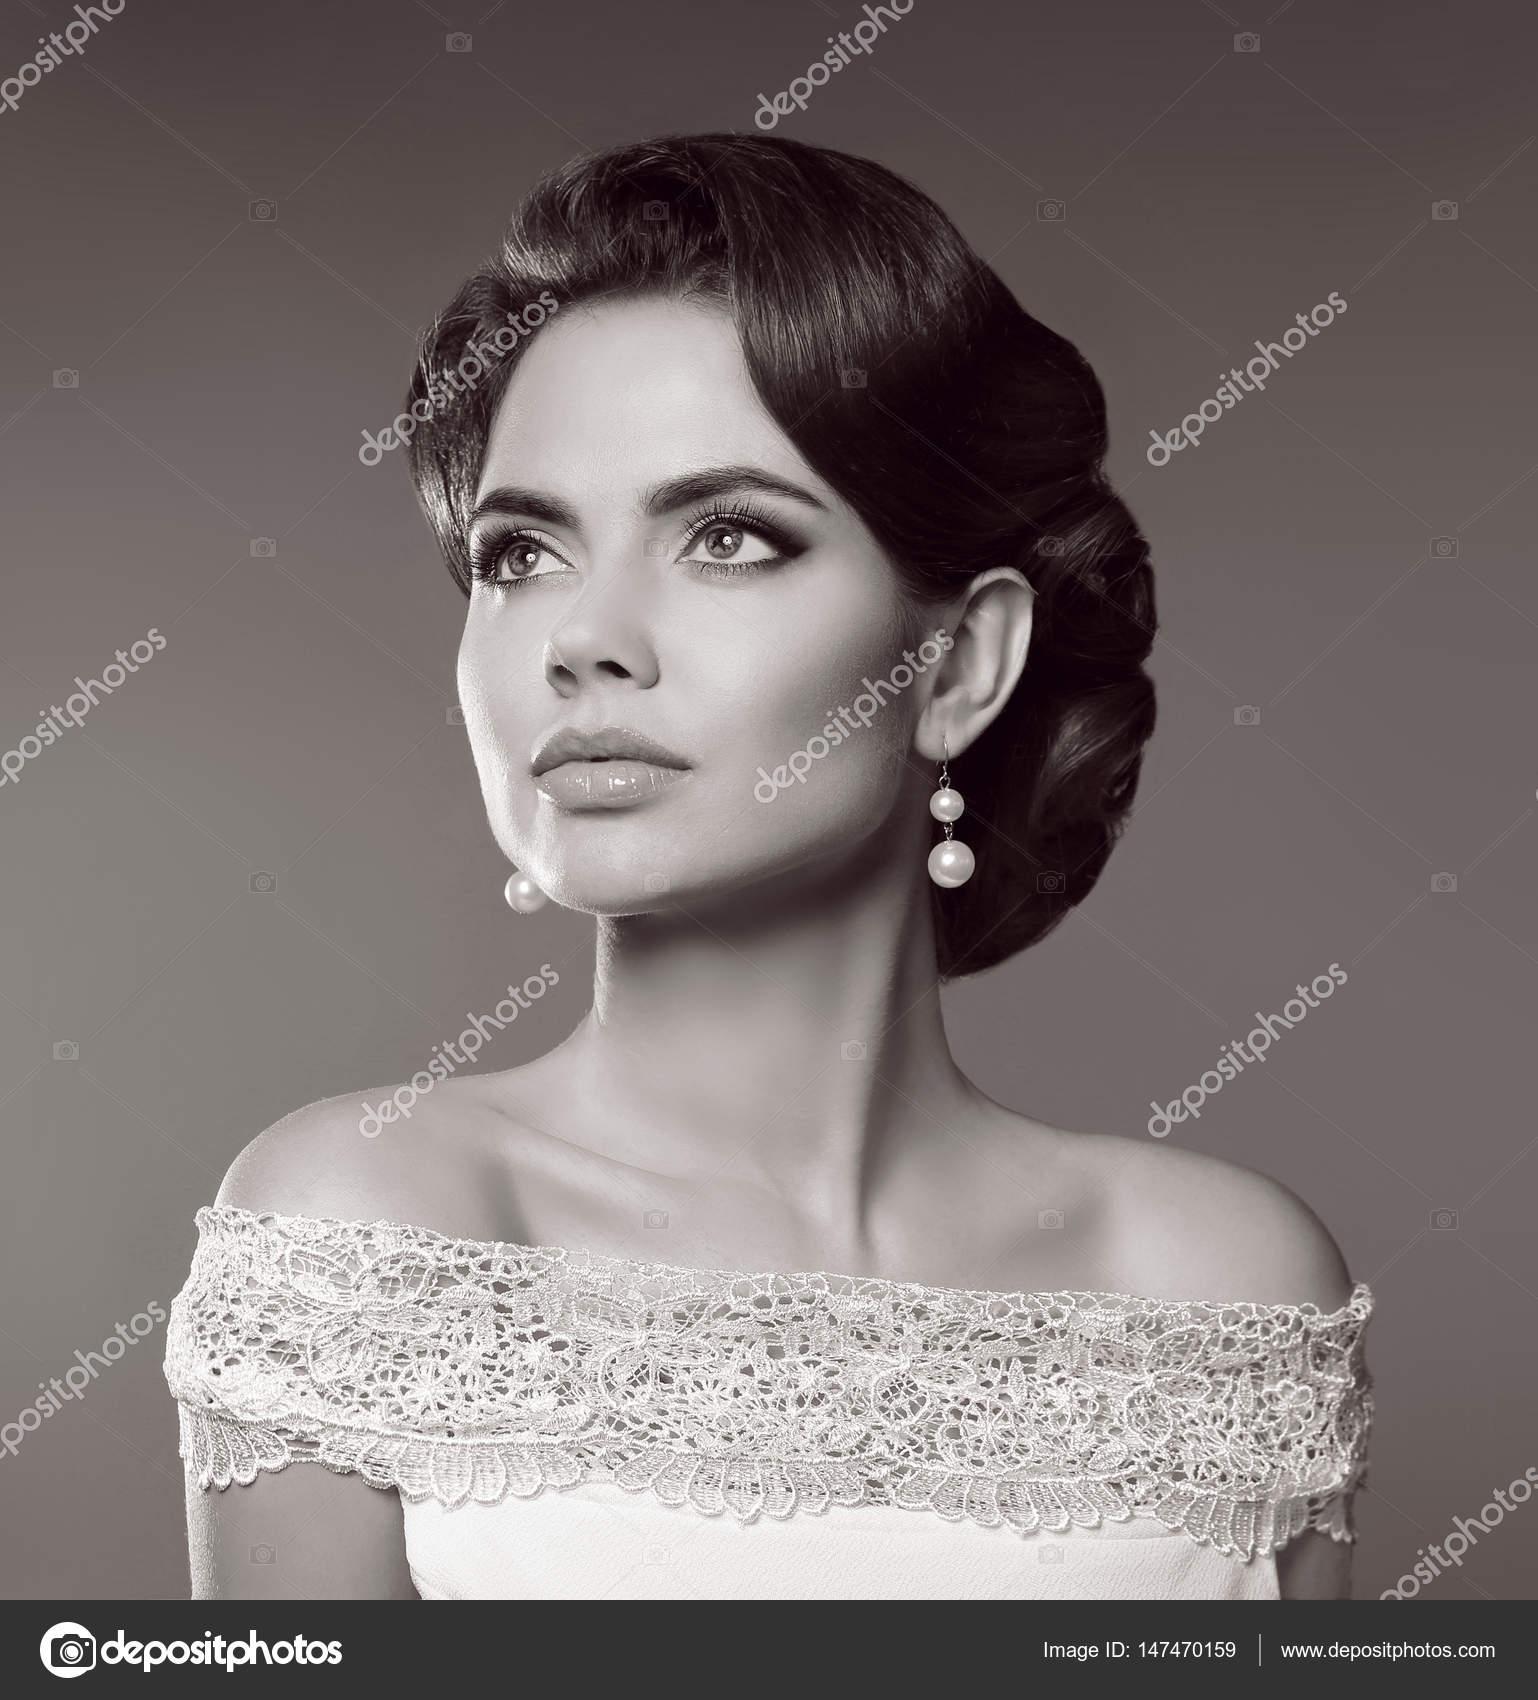 Beauté mode femme vintage portrait. Dame rétro avec hairstyl \u2014 Photo